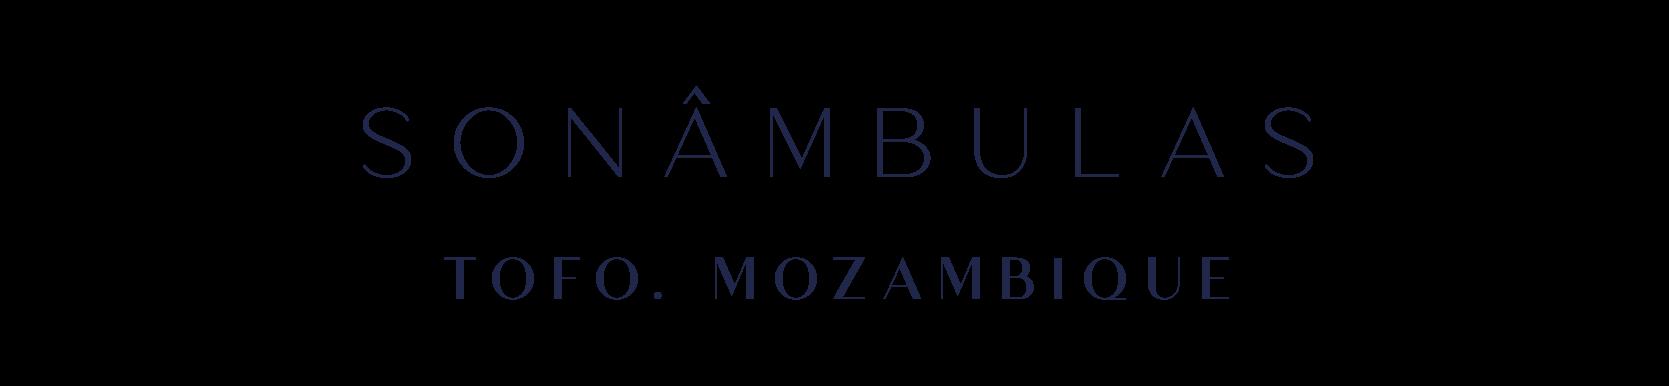 Sonambulas footer logo